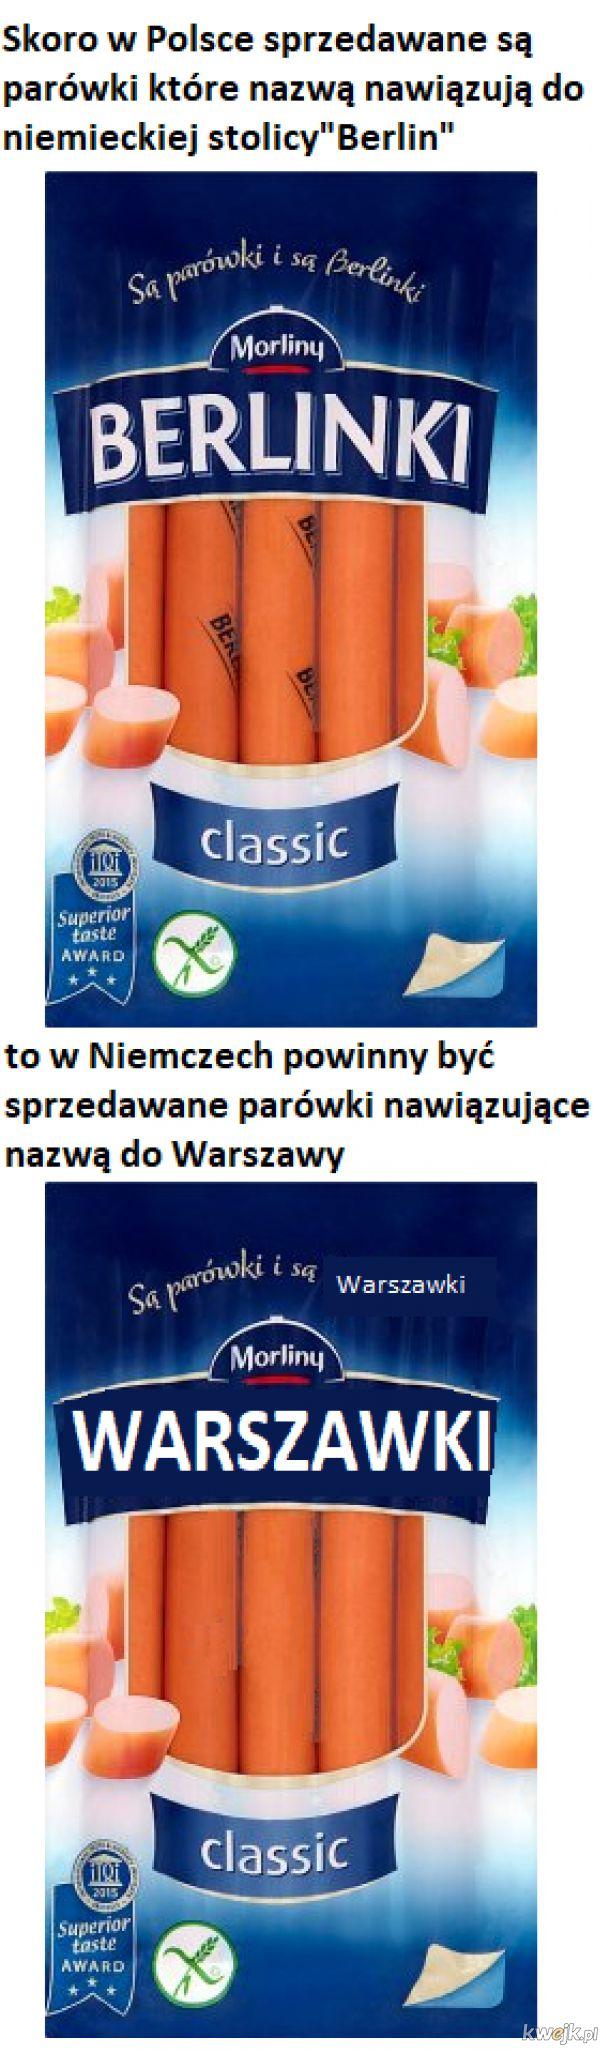 Warszawki